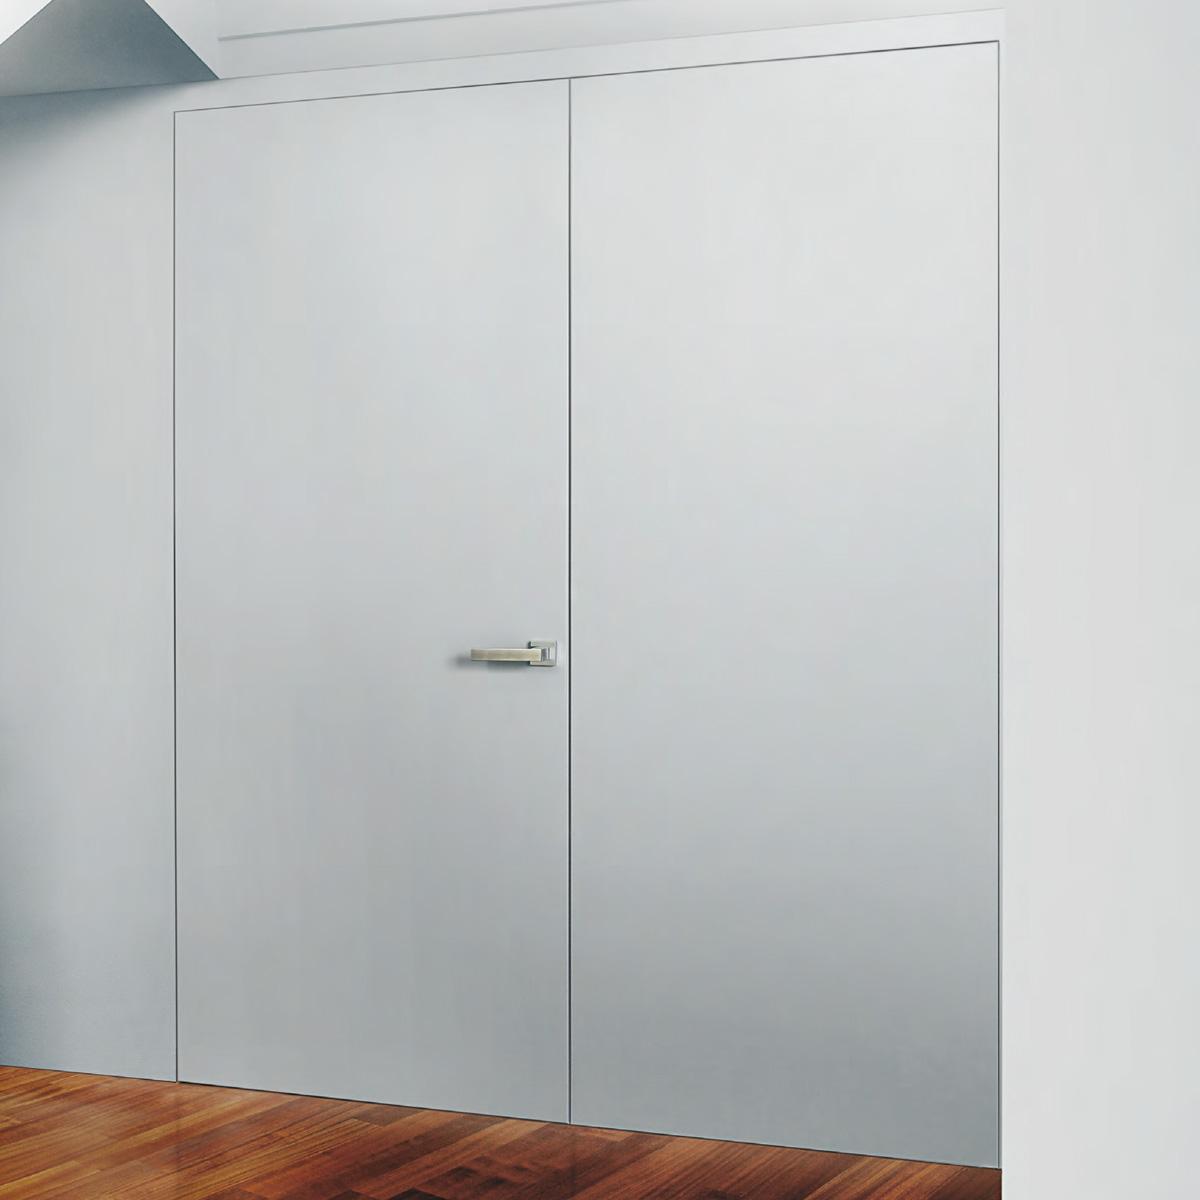 Porta filomuro Dierre Mimesi, minimal ed elegante | Fabbroni ...